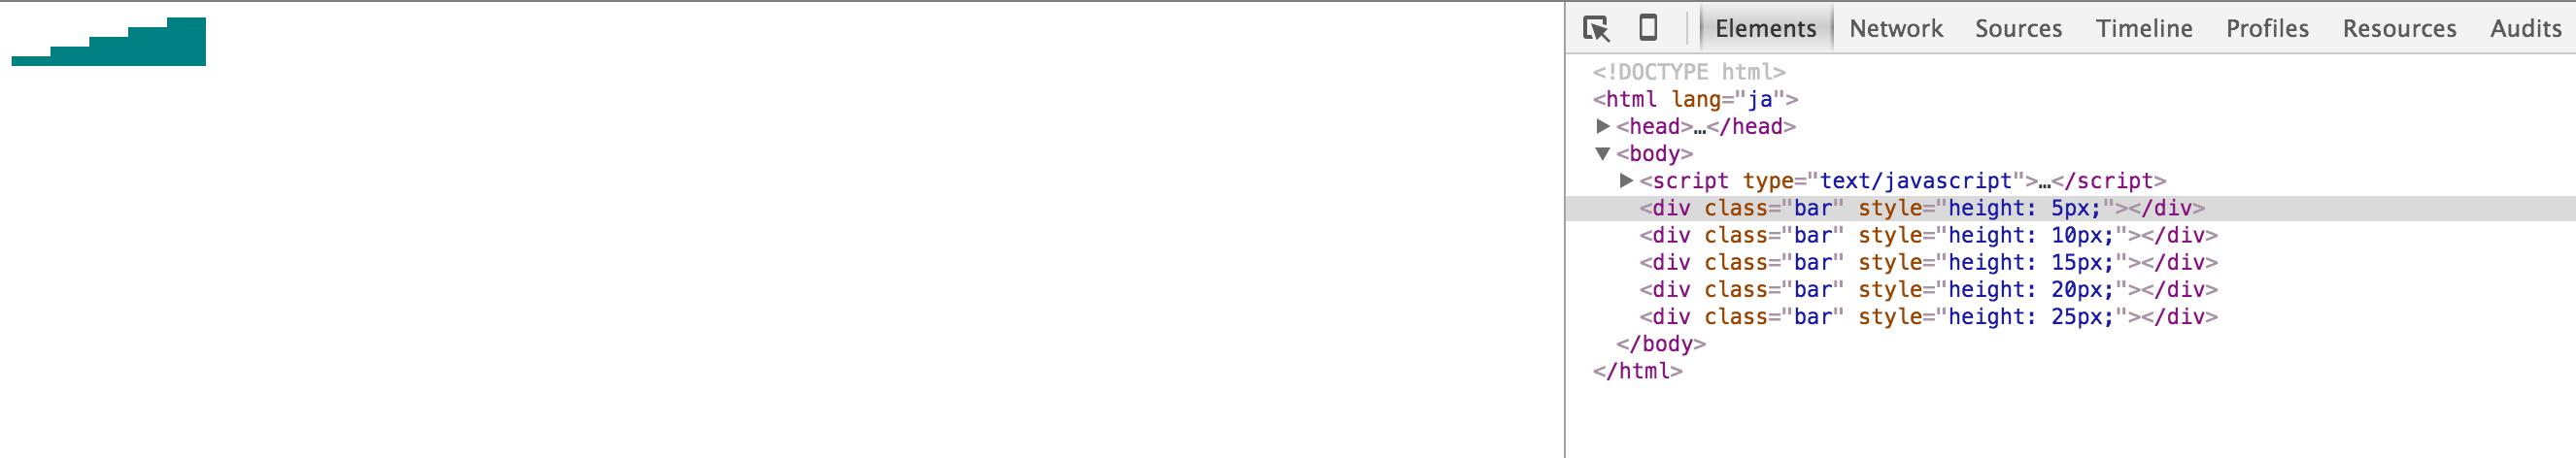 スクリーンショット 2015-11-22 0.54.01.png